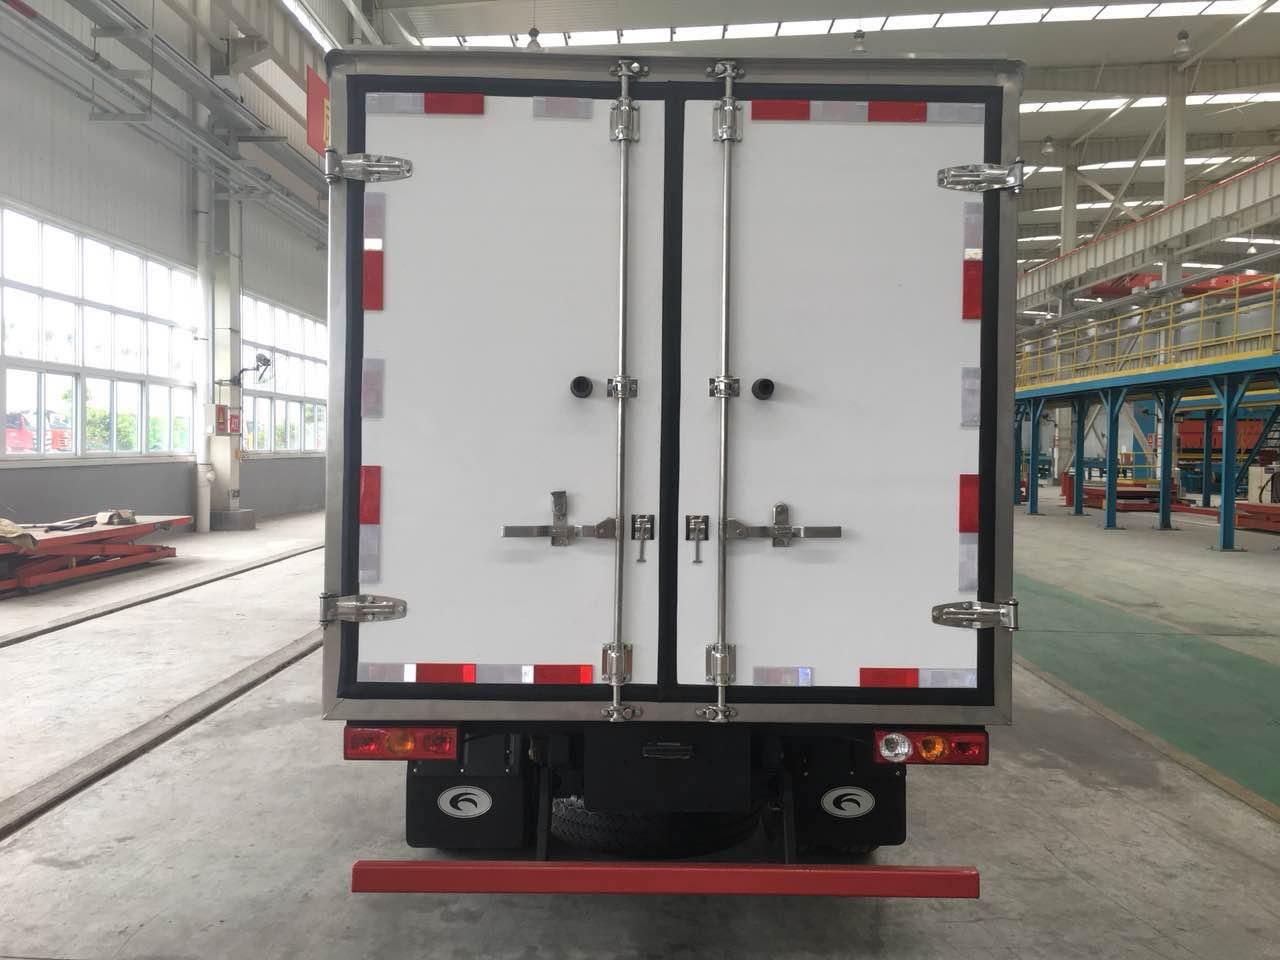 小型冷藏车(厢长3.1米广东快乐10分网址广东快乐10分网址、后双胎)